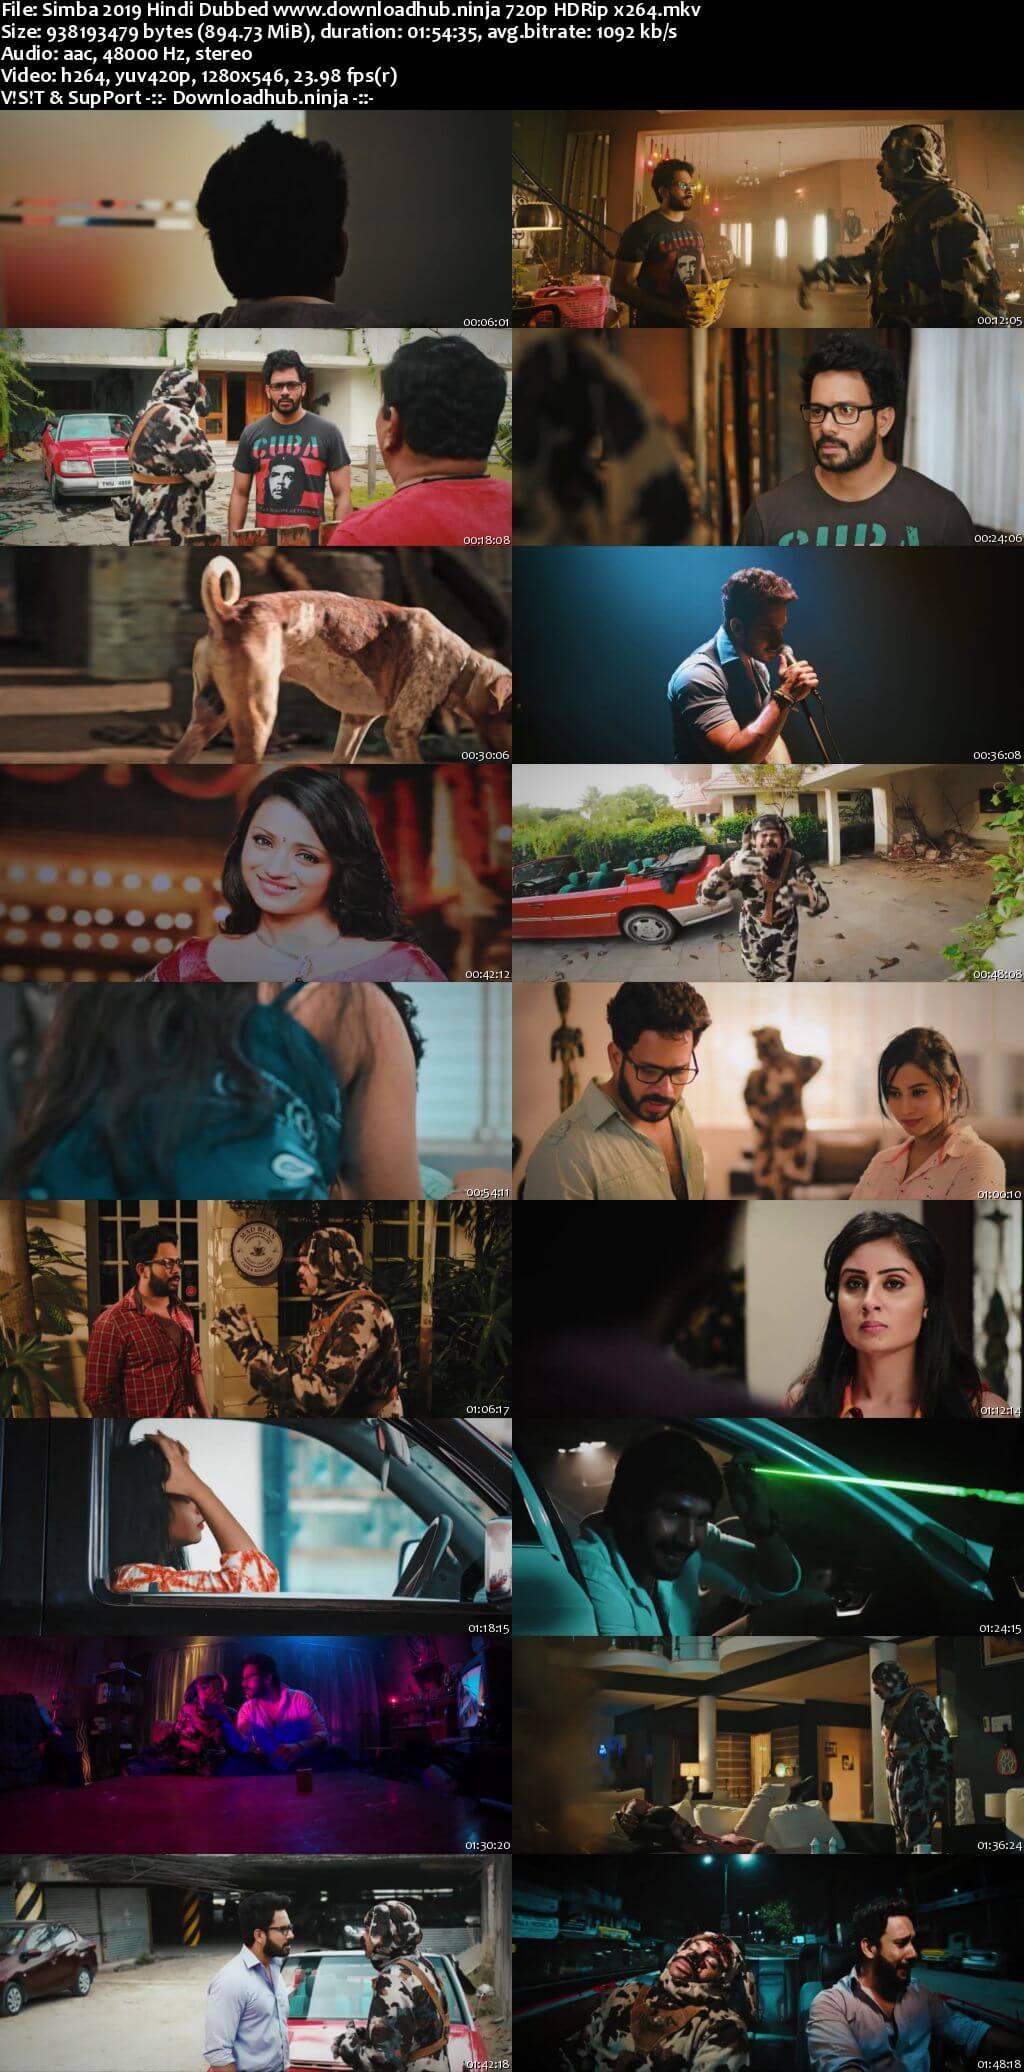 Simba 2019 Hindi Dubbed 720p HDRip x264